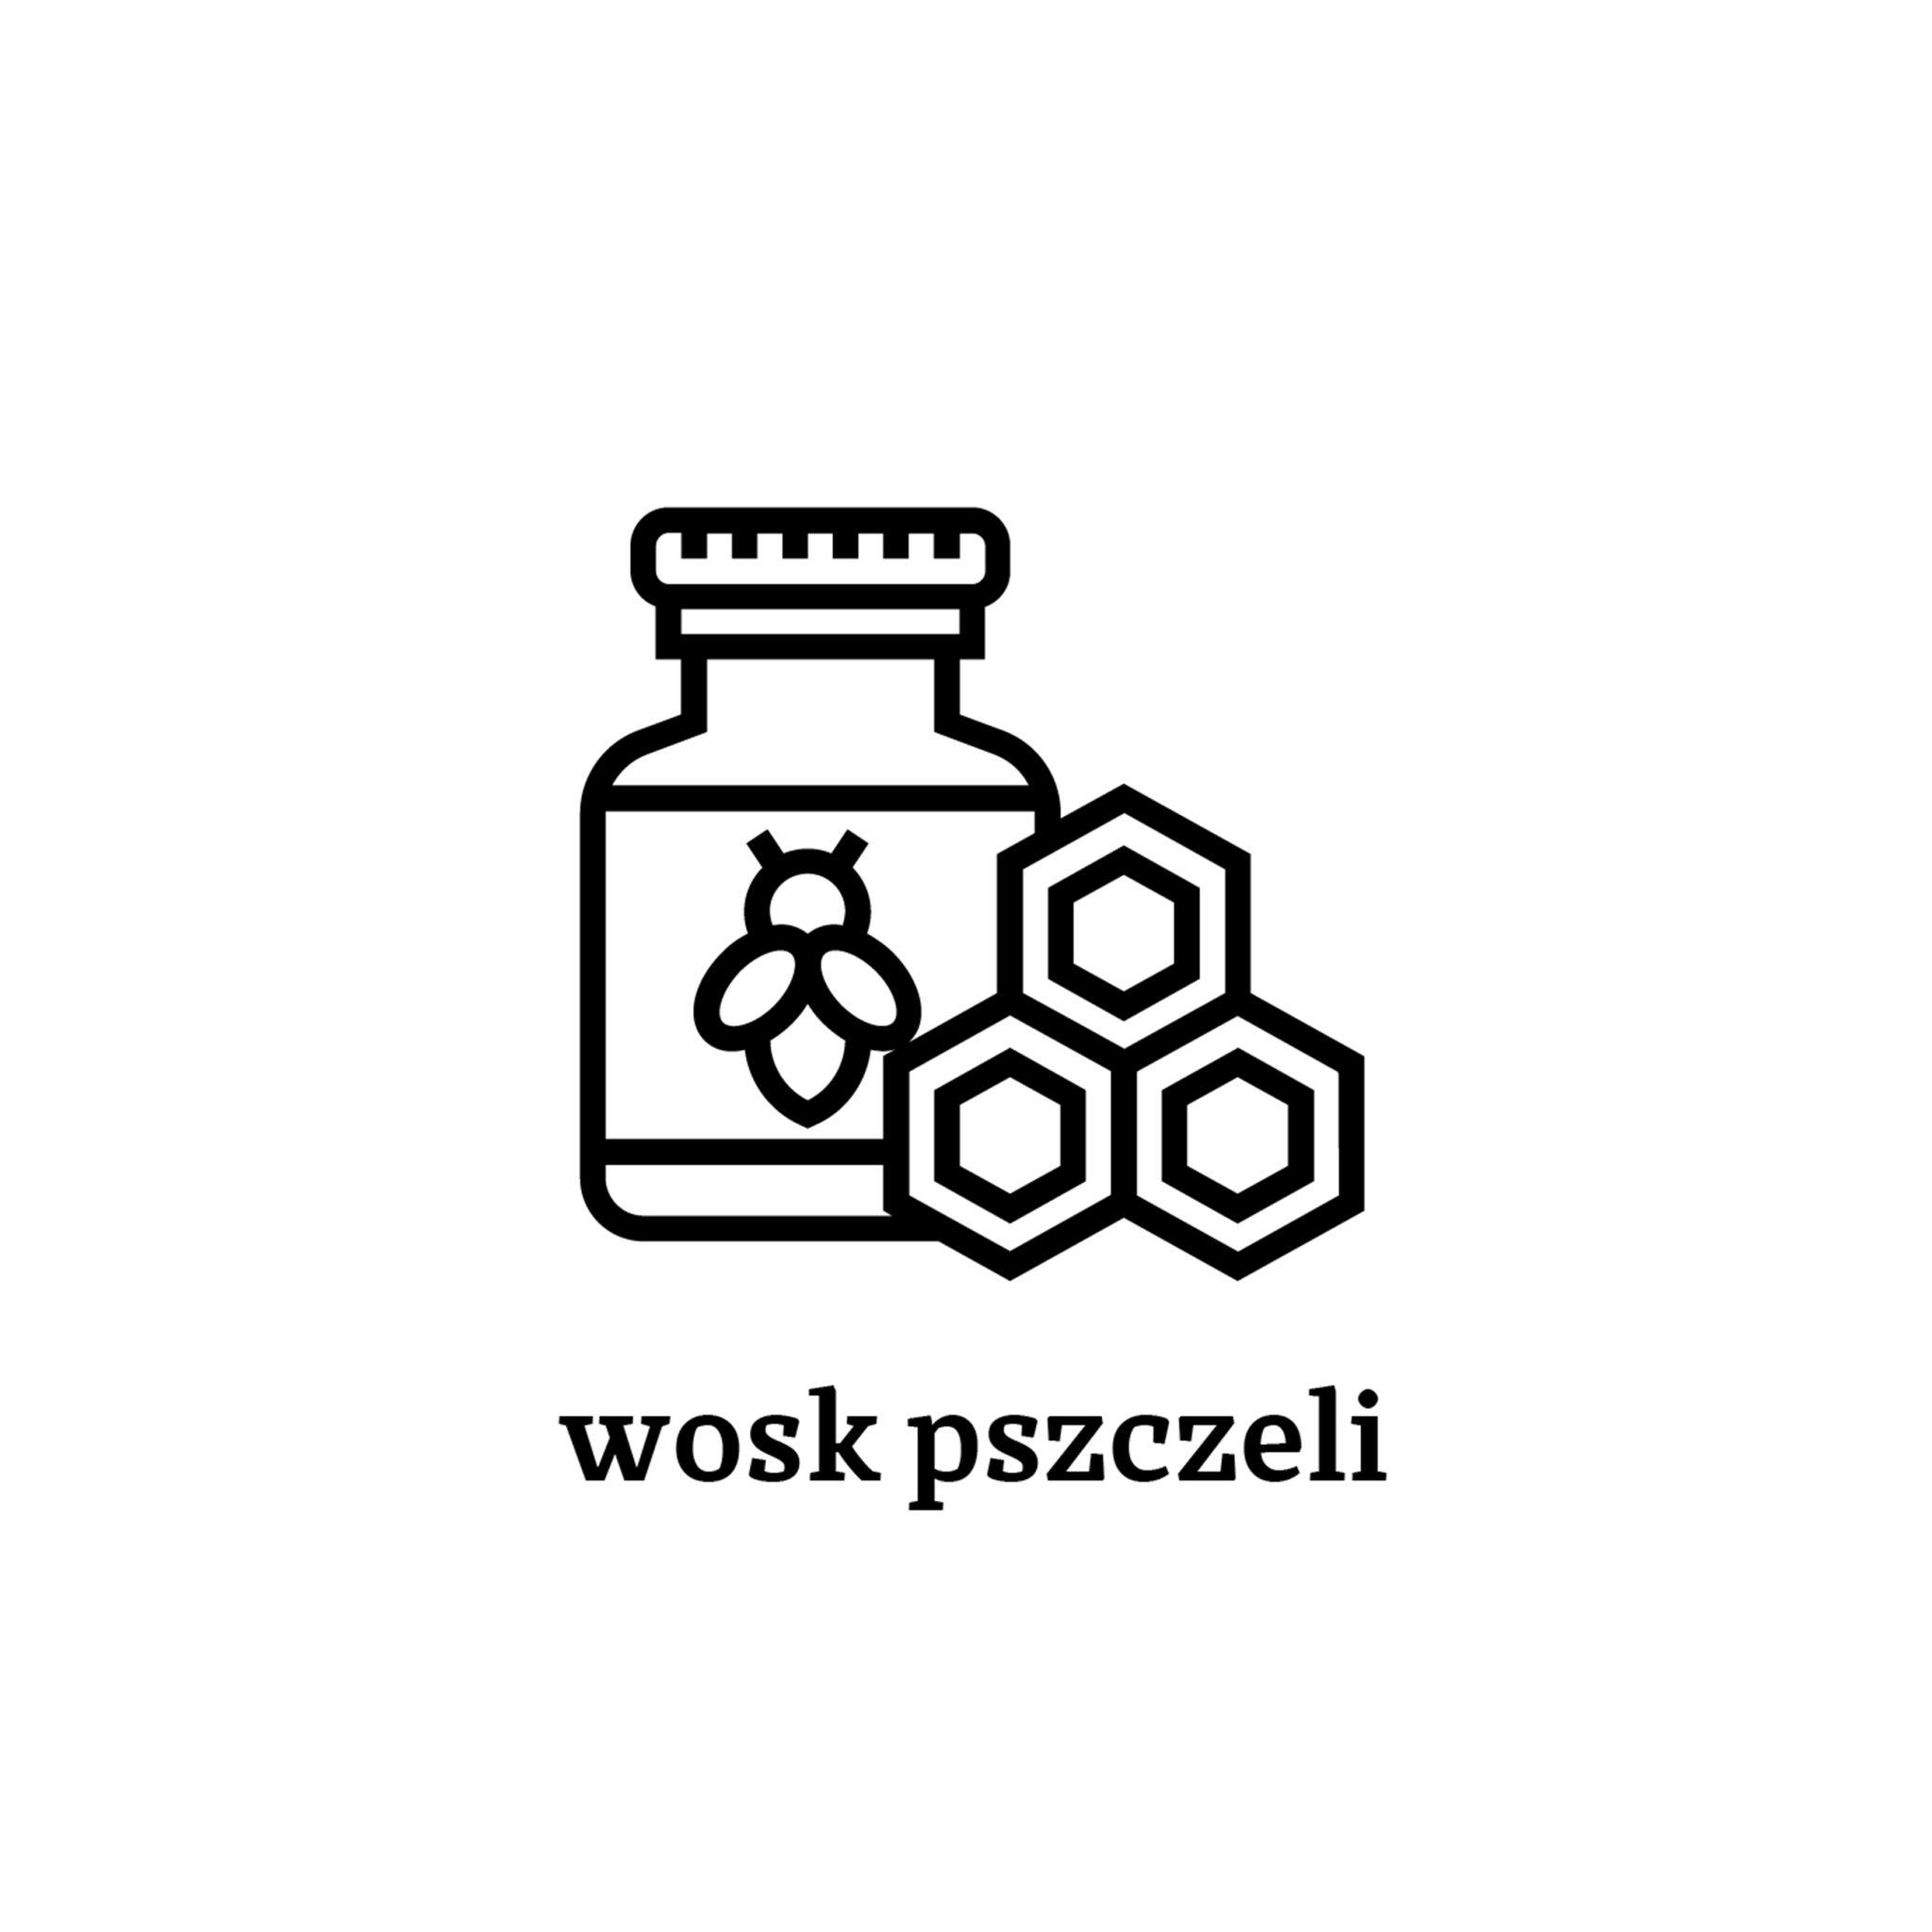 woskpszczeli